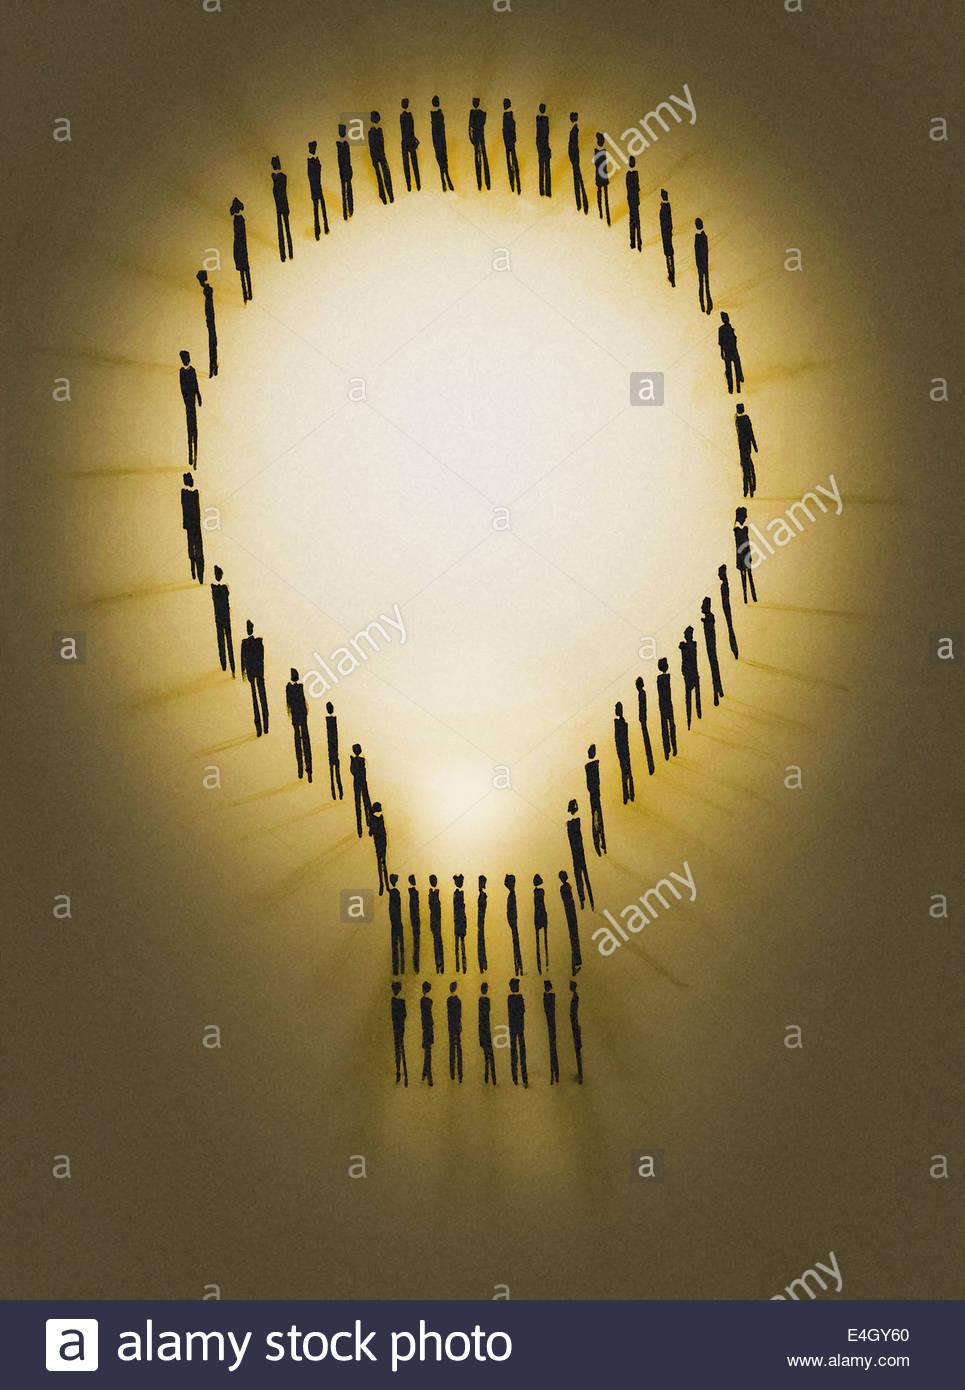 Persone che delinea illuminata la lampadina di luce Immagini Stock